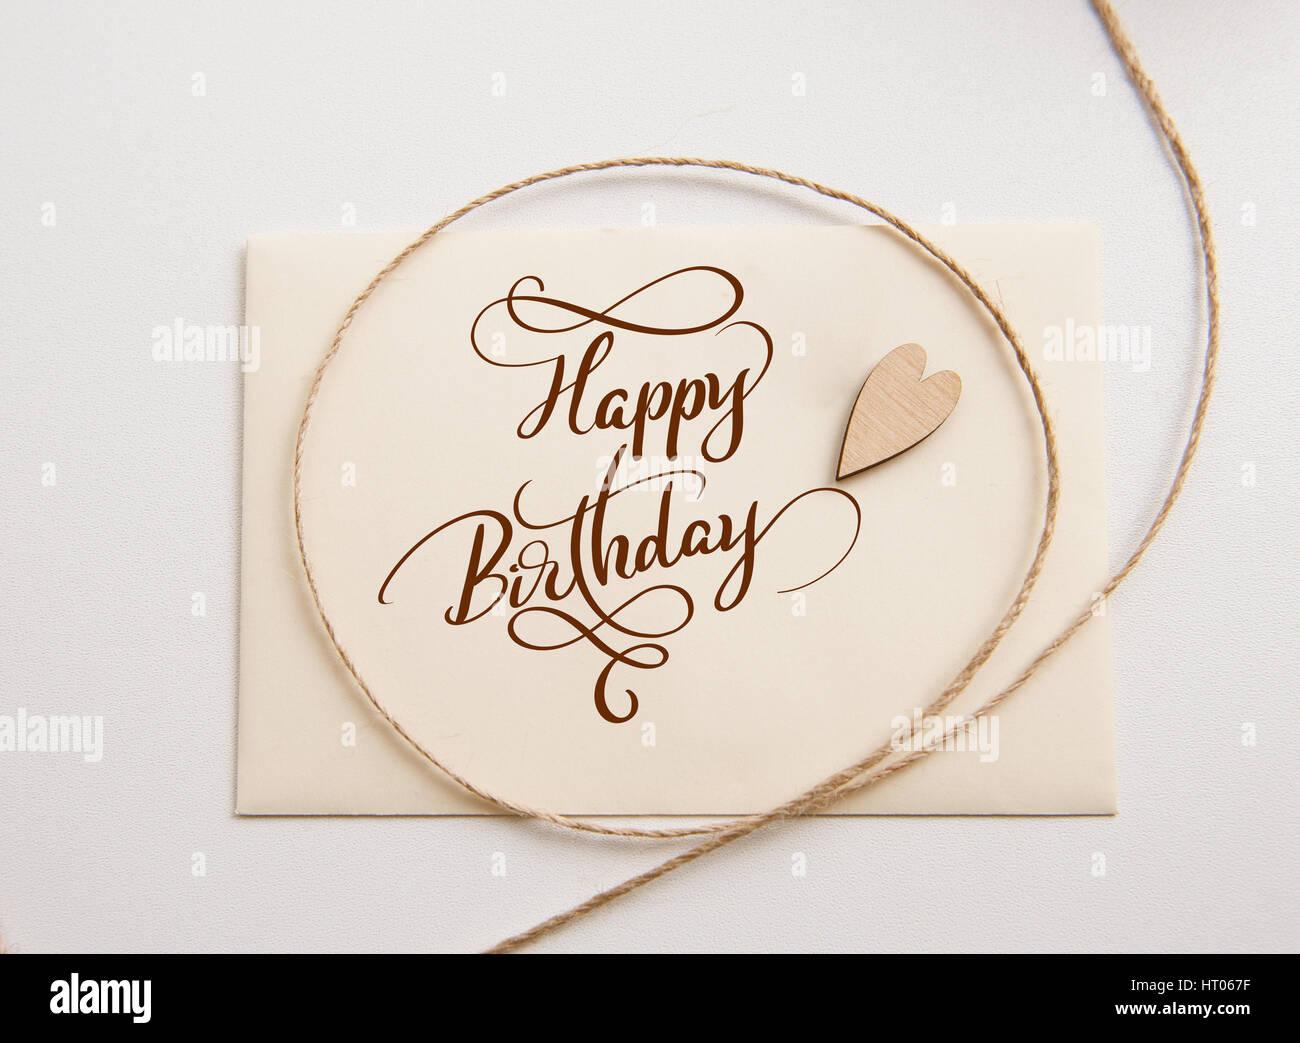 Valentinstag Karte Mit Herz Aus Holz Und Text Alles Gute Zum Geburtstag.  Kalligraphie Schriftzug